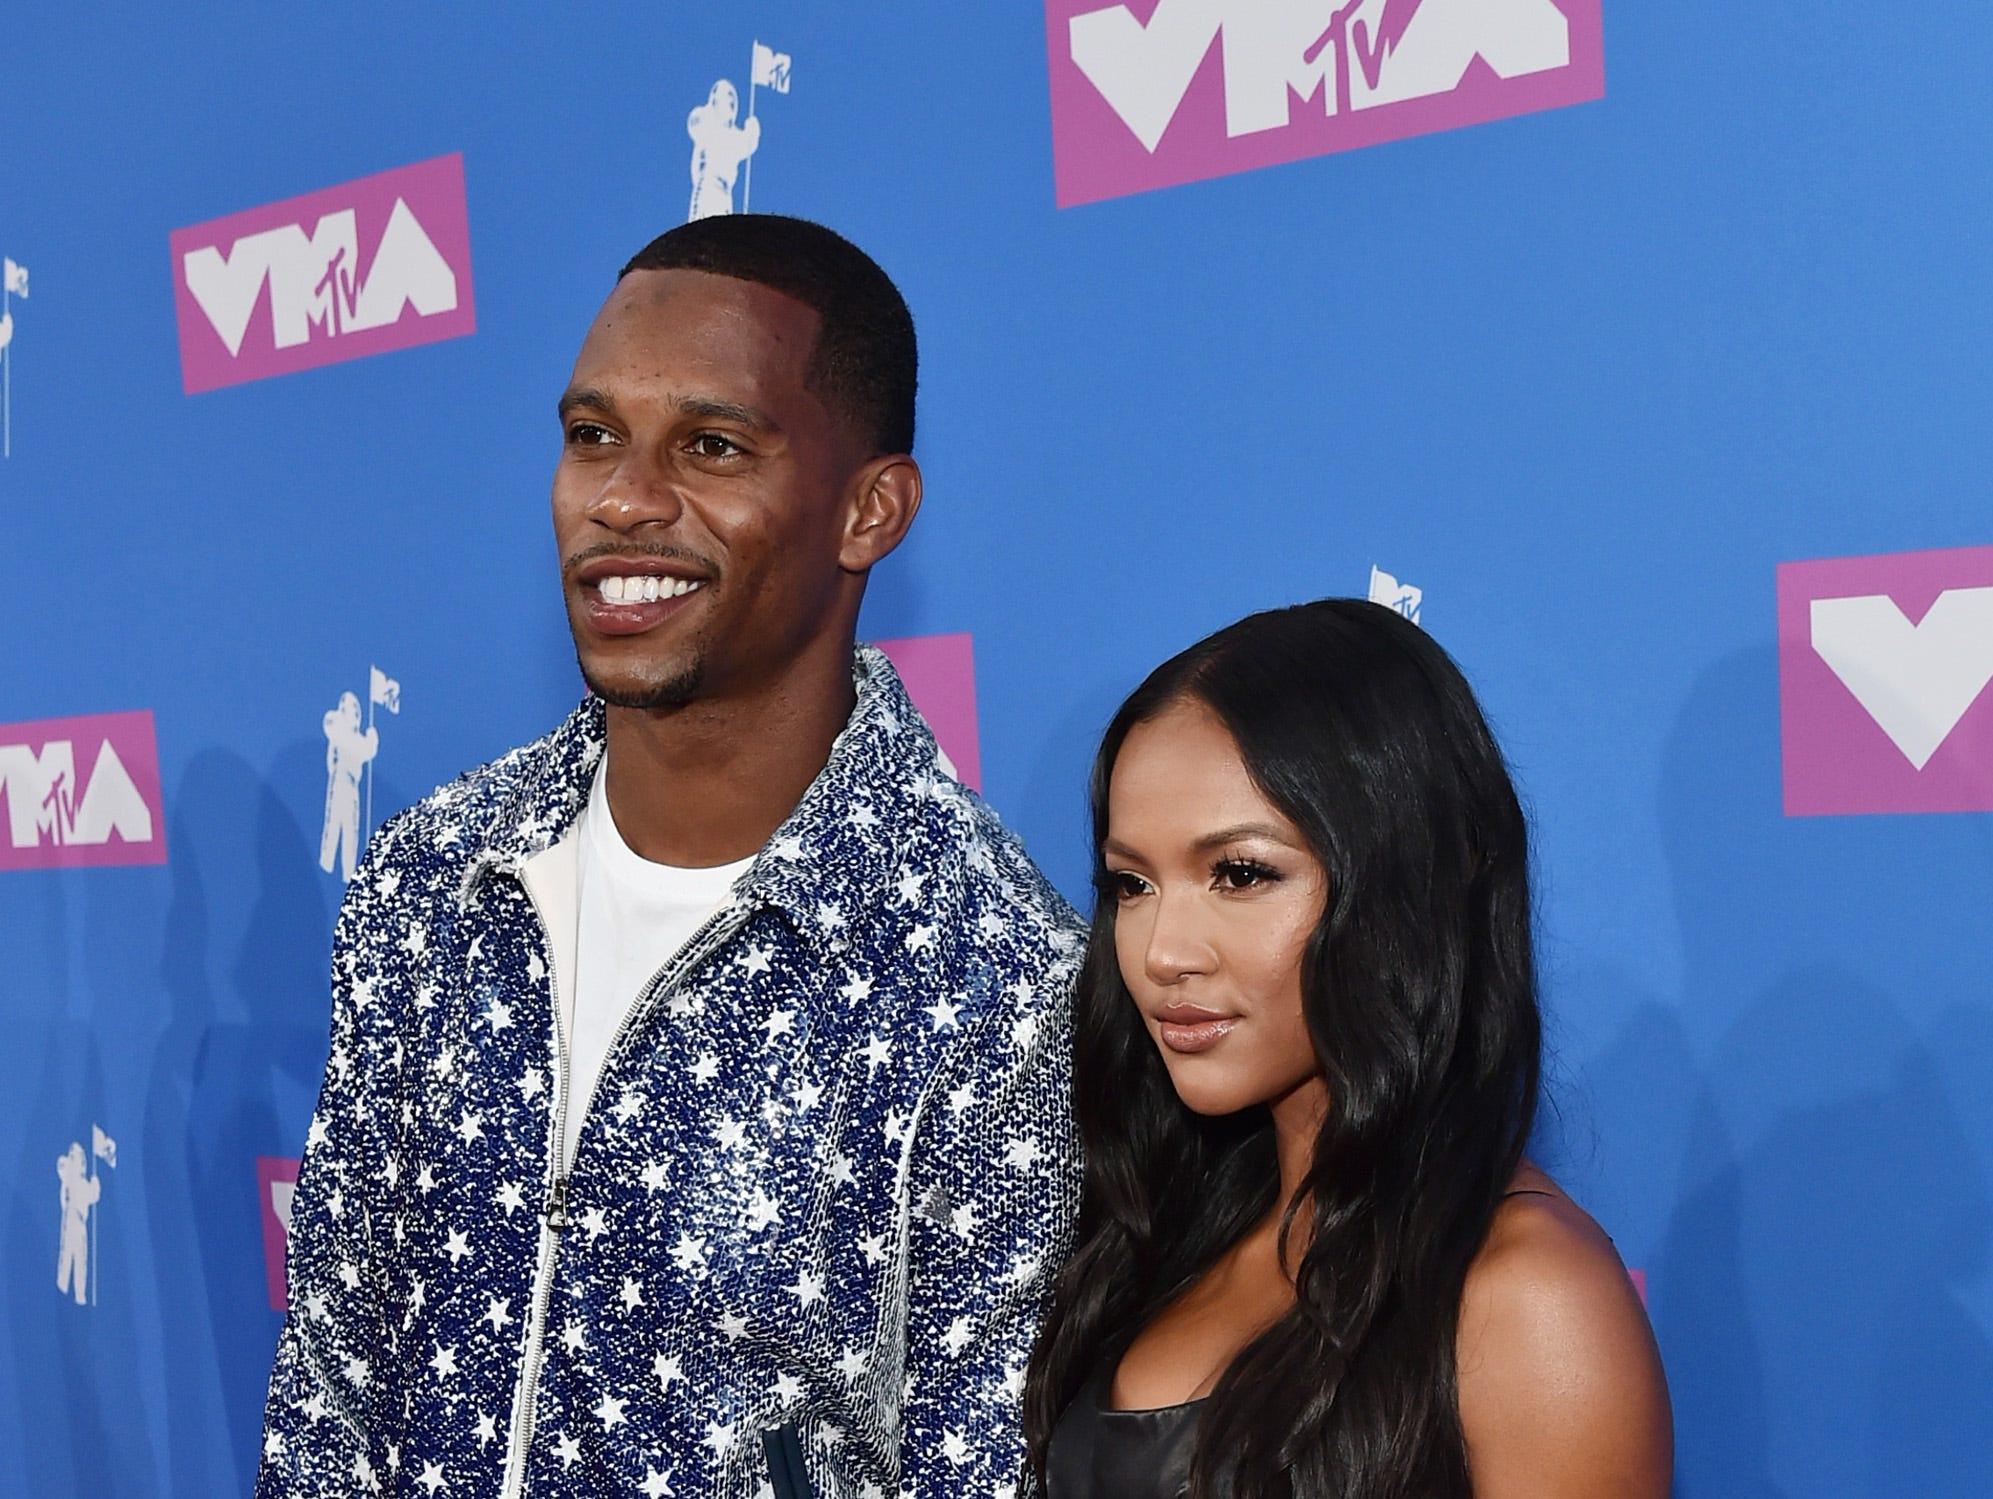 Victor Cruz y Karrueche Tran asisten a los MTV Video Music Awards 2018 en el Radio City Music Hall el 20 de agosto de 2018 en la ciudad de Nueva York.